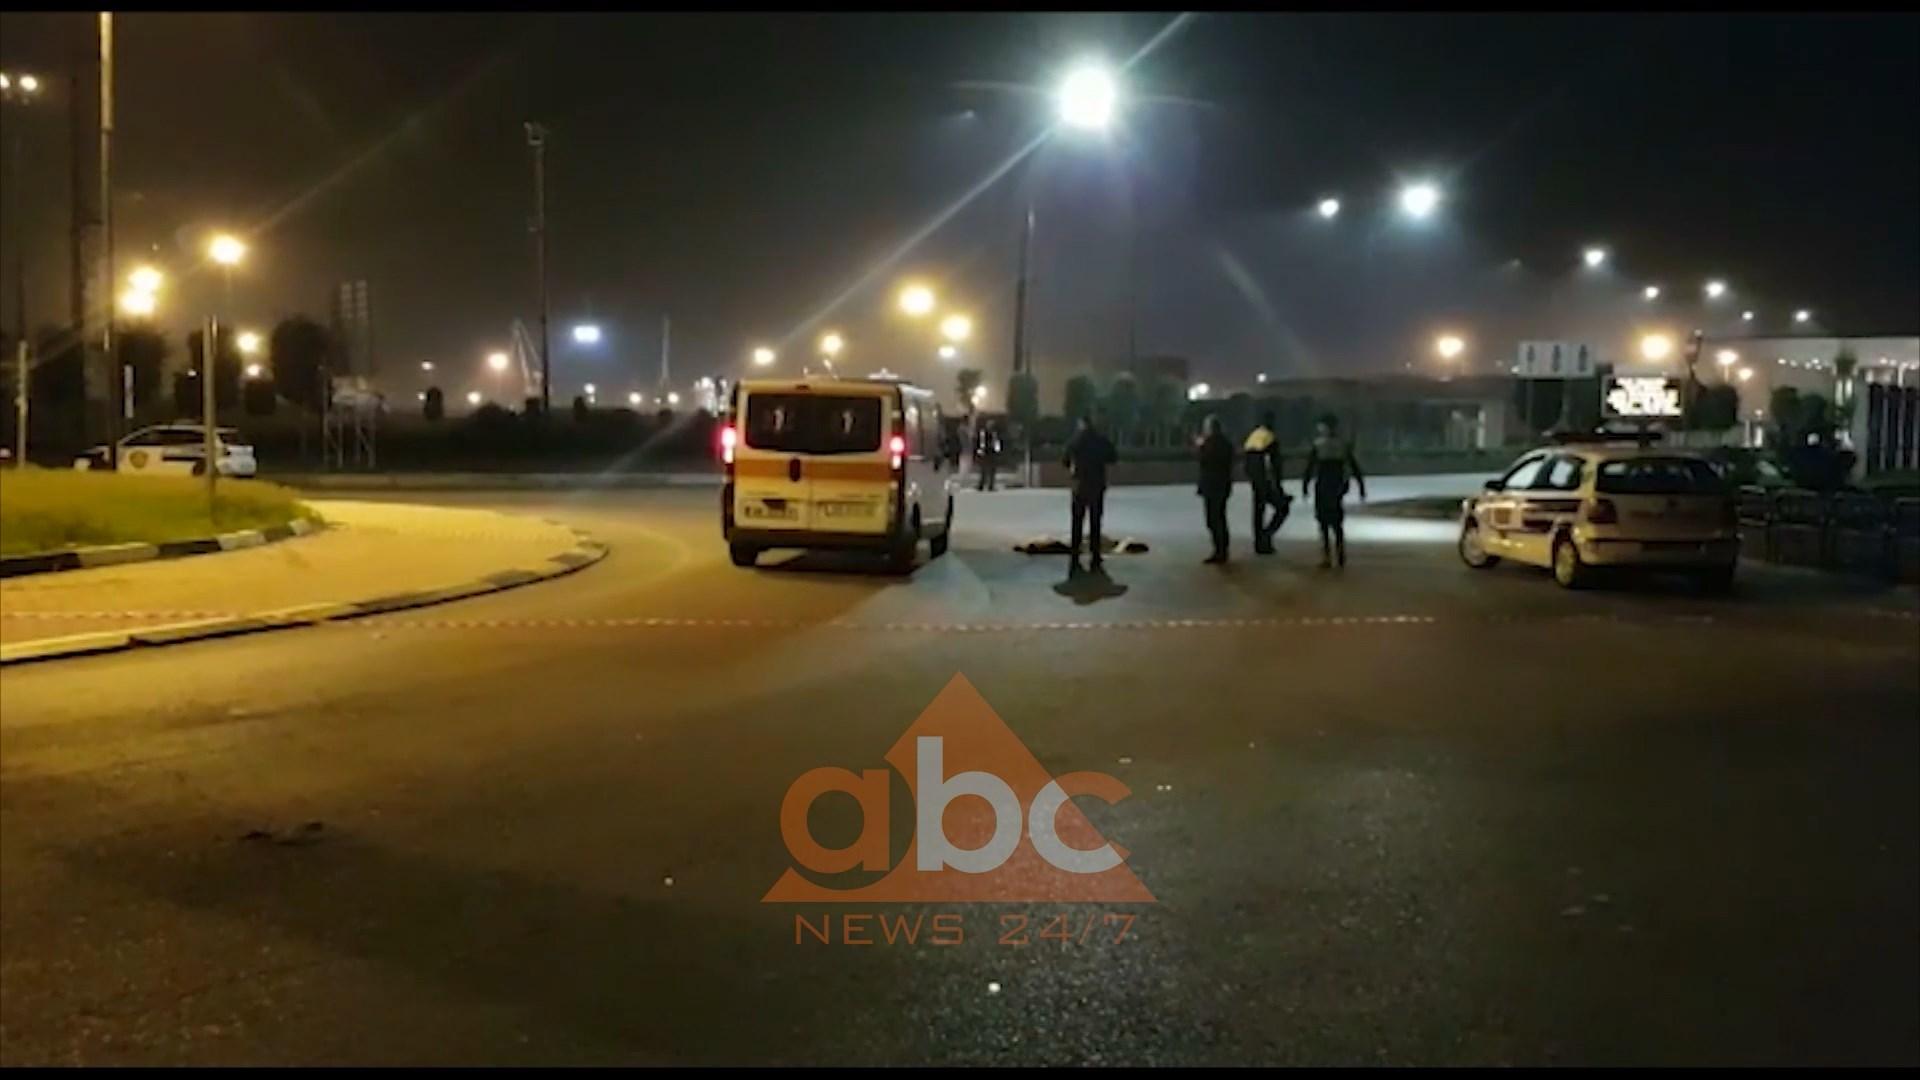 Aksidenti horror në Durrës/ ABC News sjell dëshmitë e dy shoferëve që përplasën 25-vjeçarin